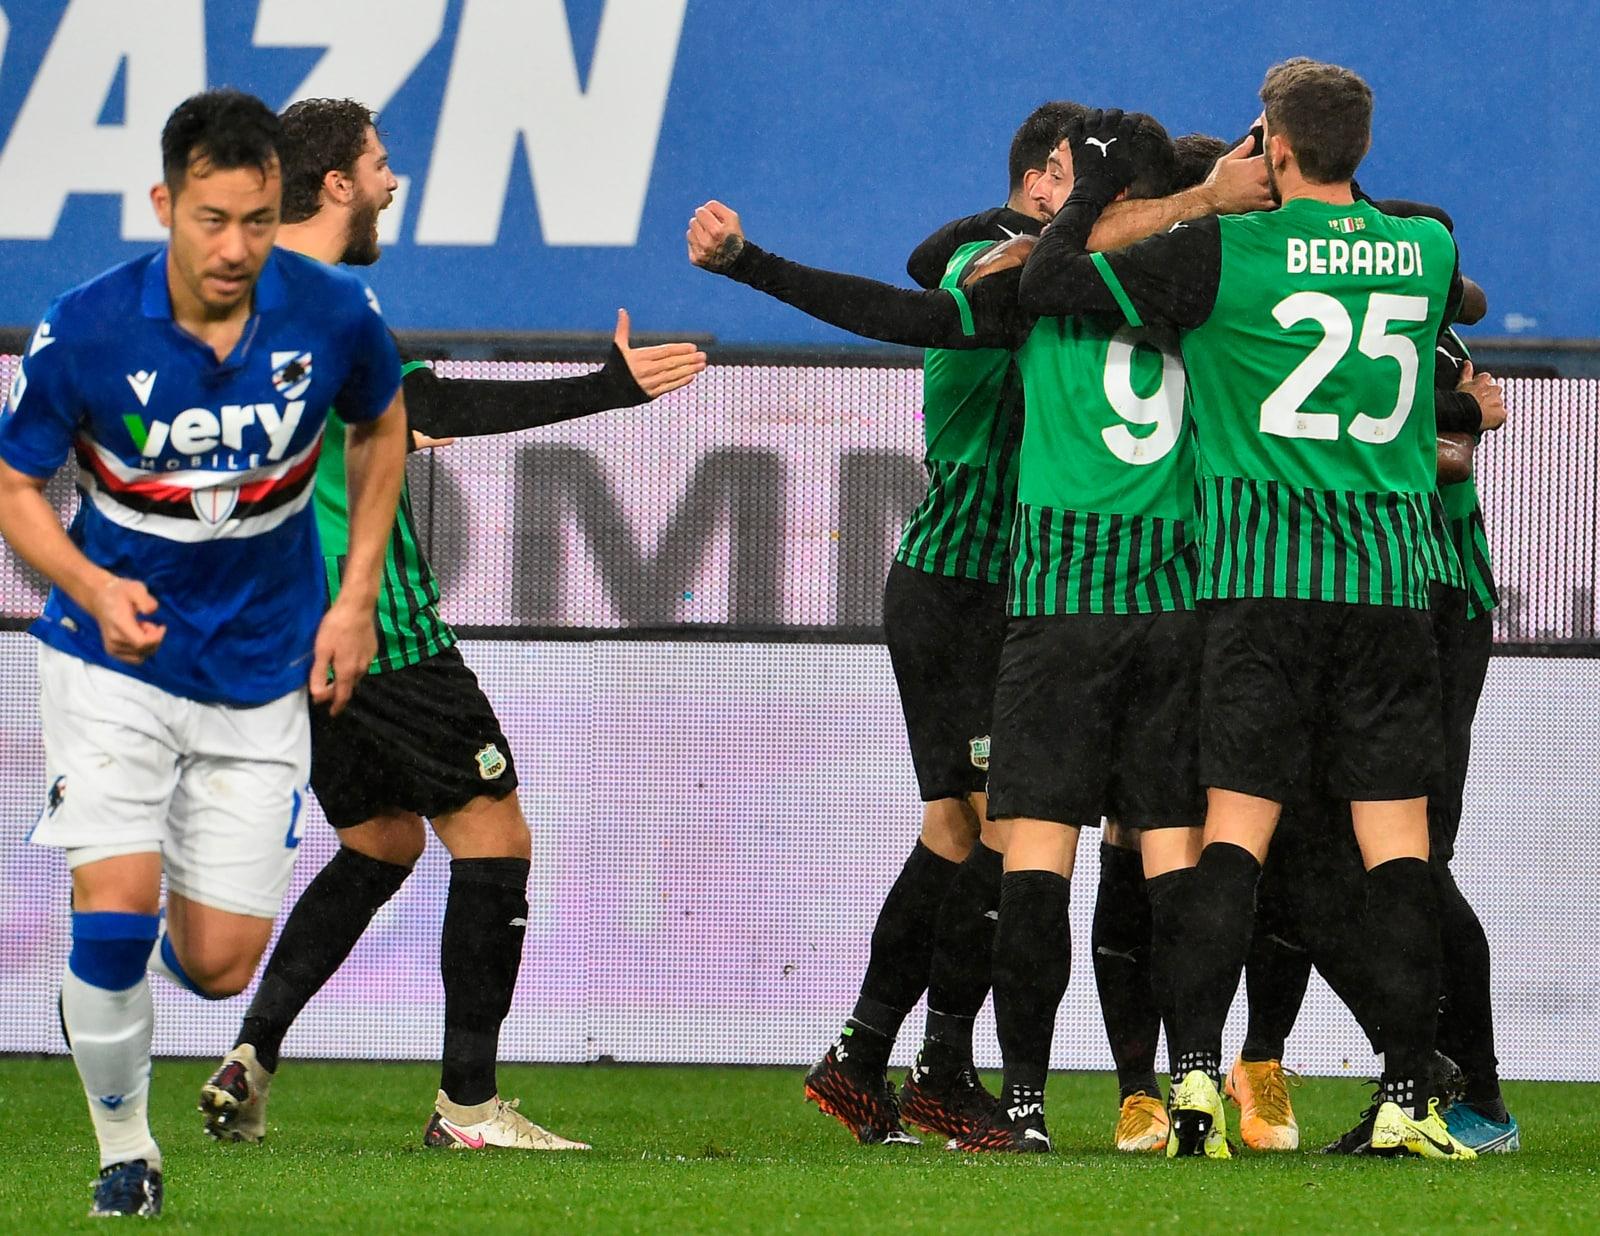 Il Sassuolo vola al quarto posto! Sampdoria ko 3-2